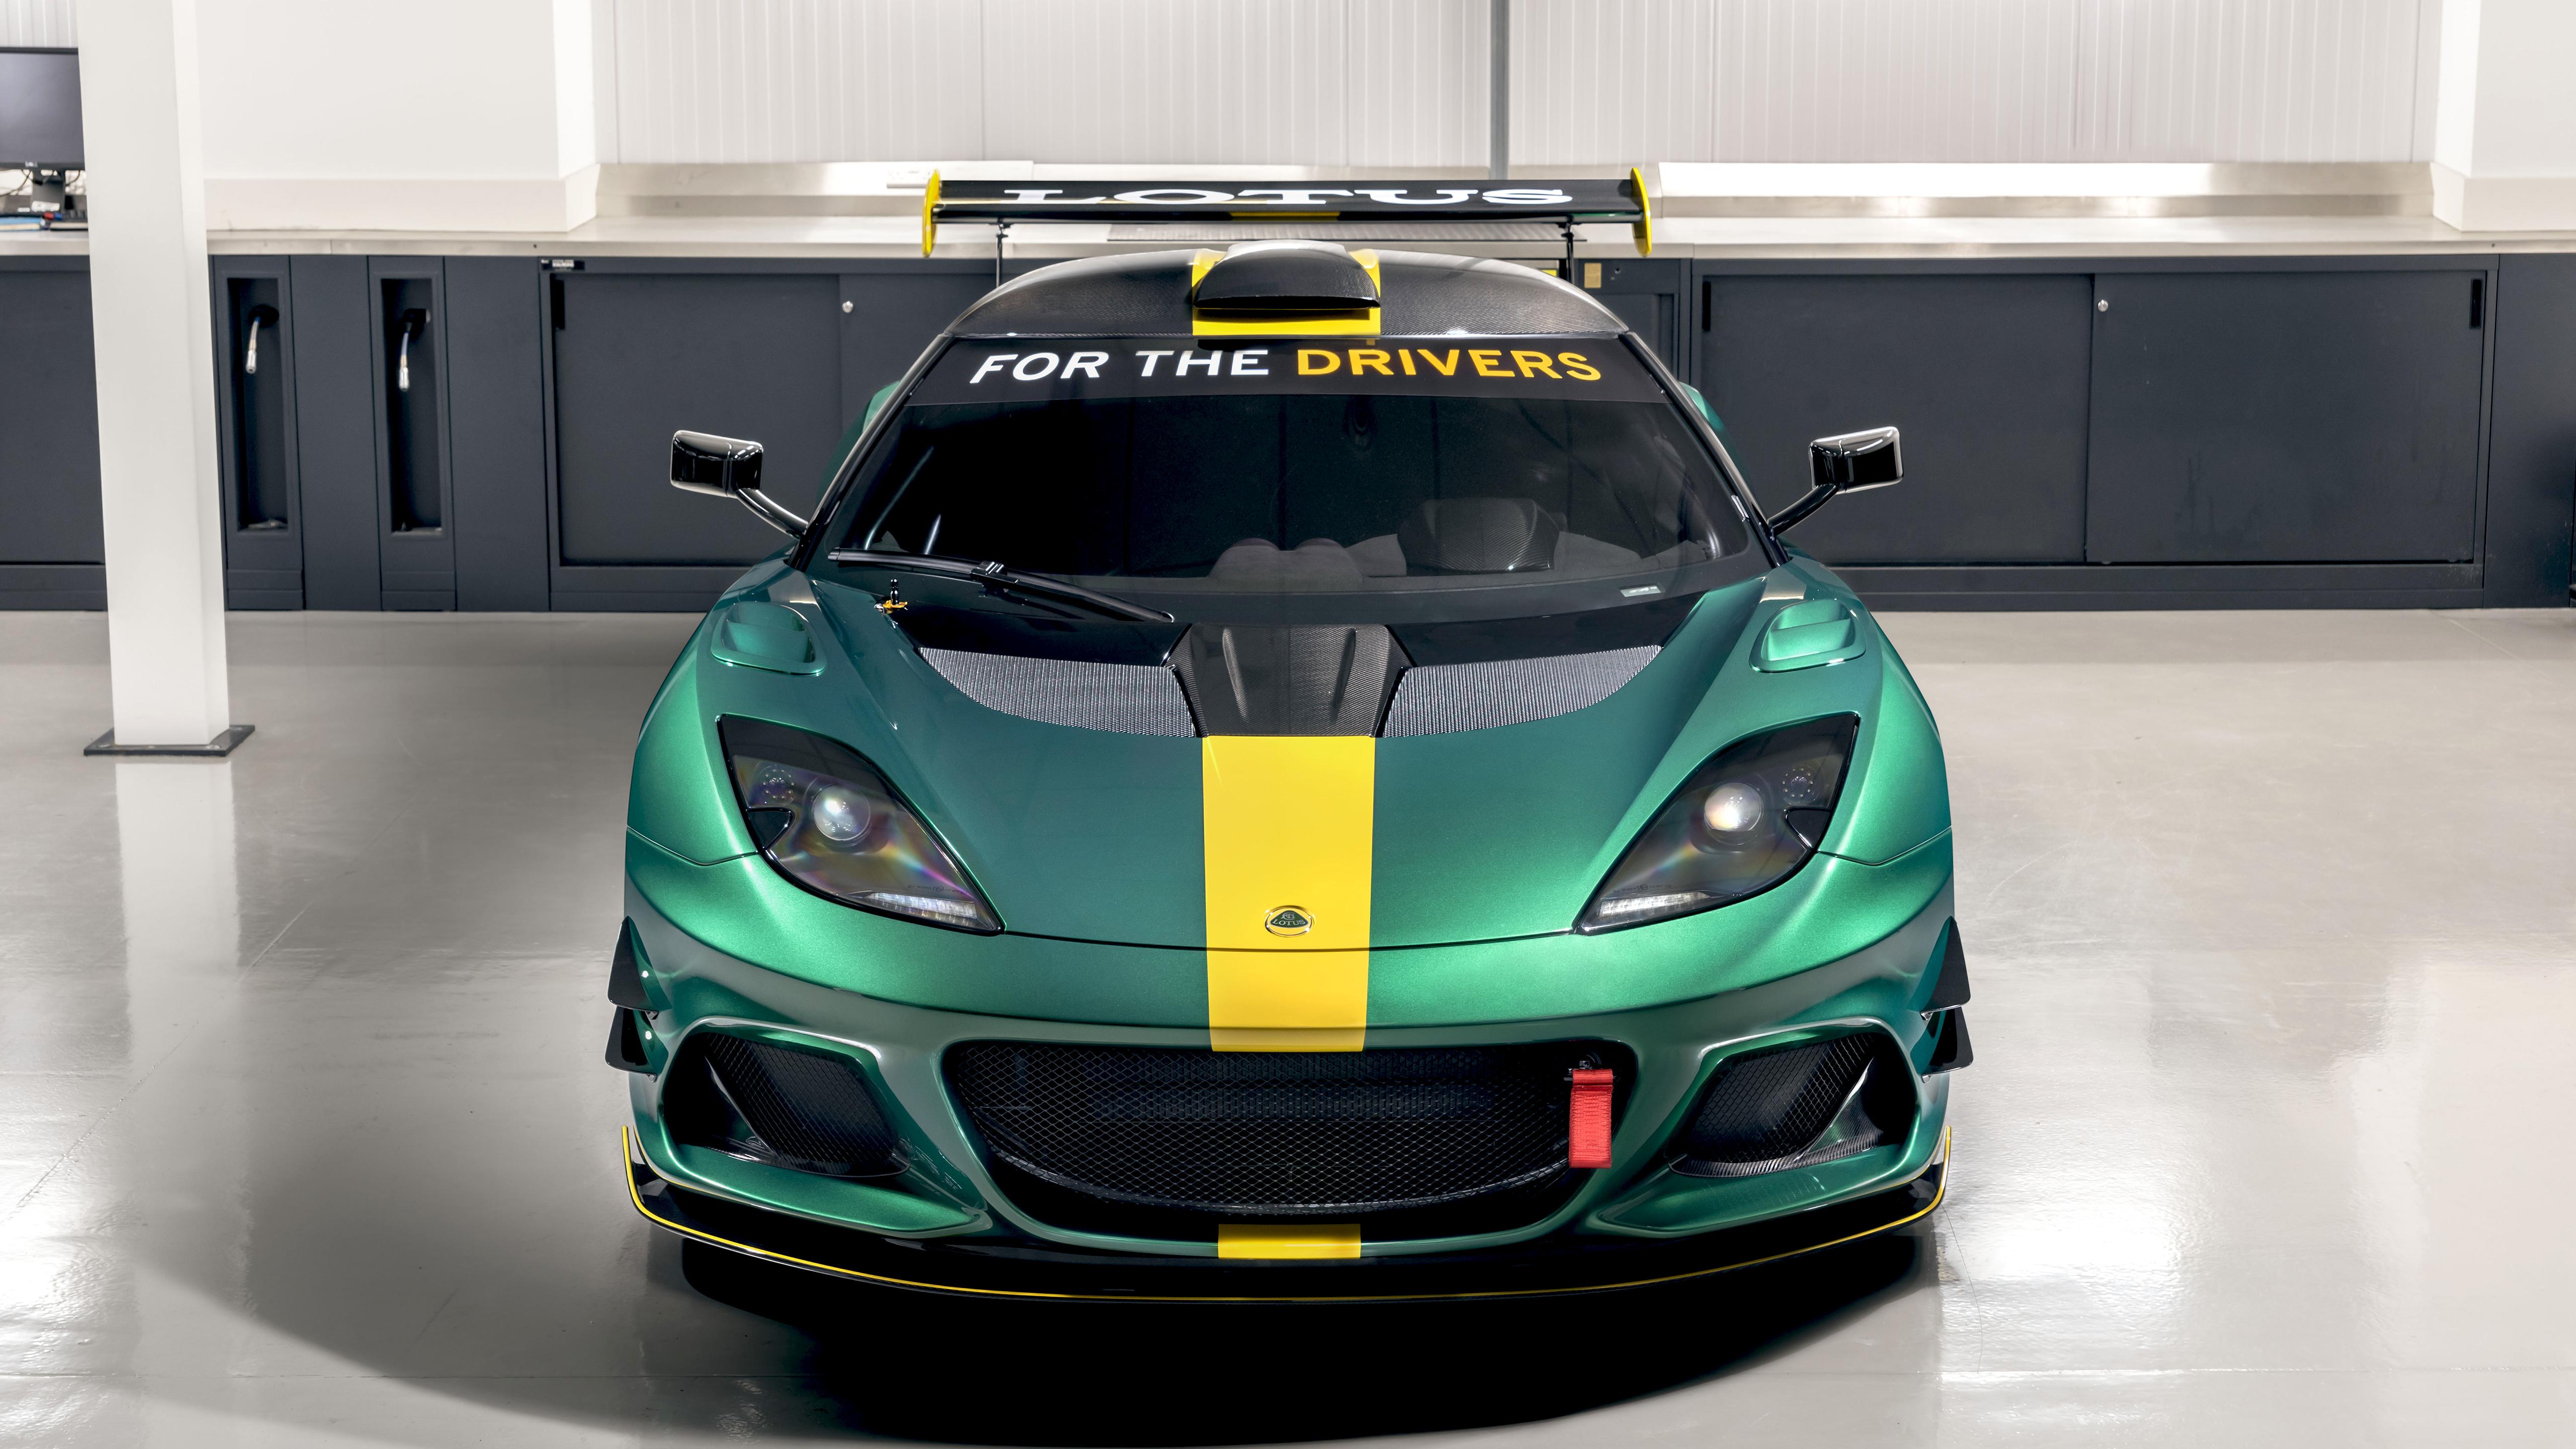 Lotus Evora GT4 Concept 2019 4K Wallpaper | HD Car ...